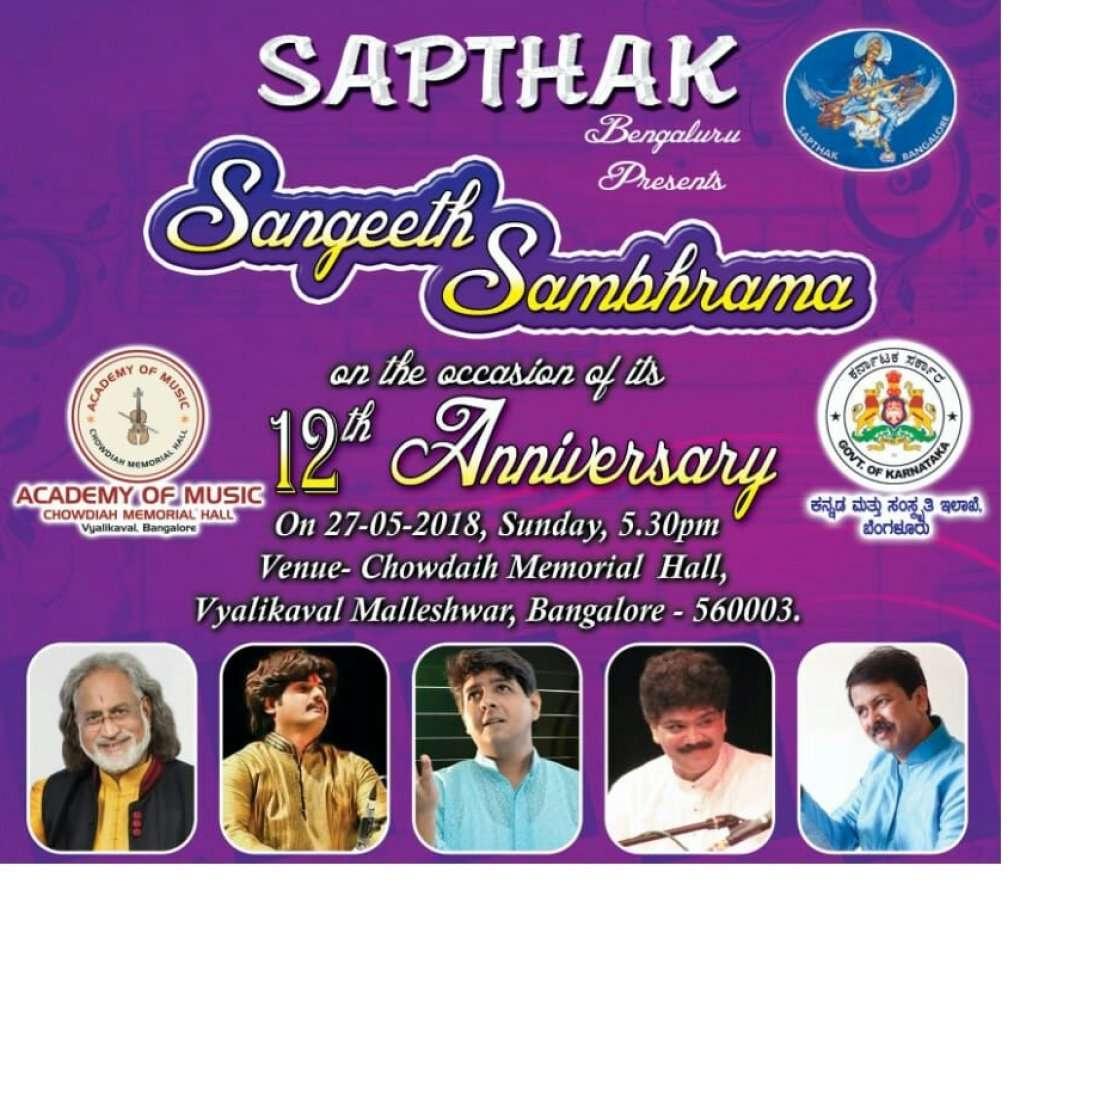 Sangeetha Sambhrama